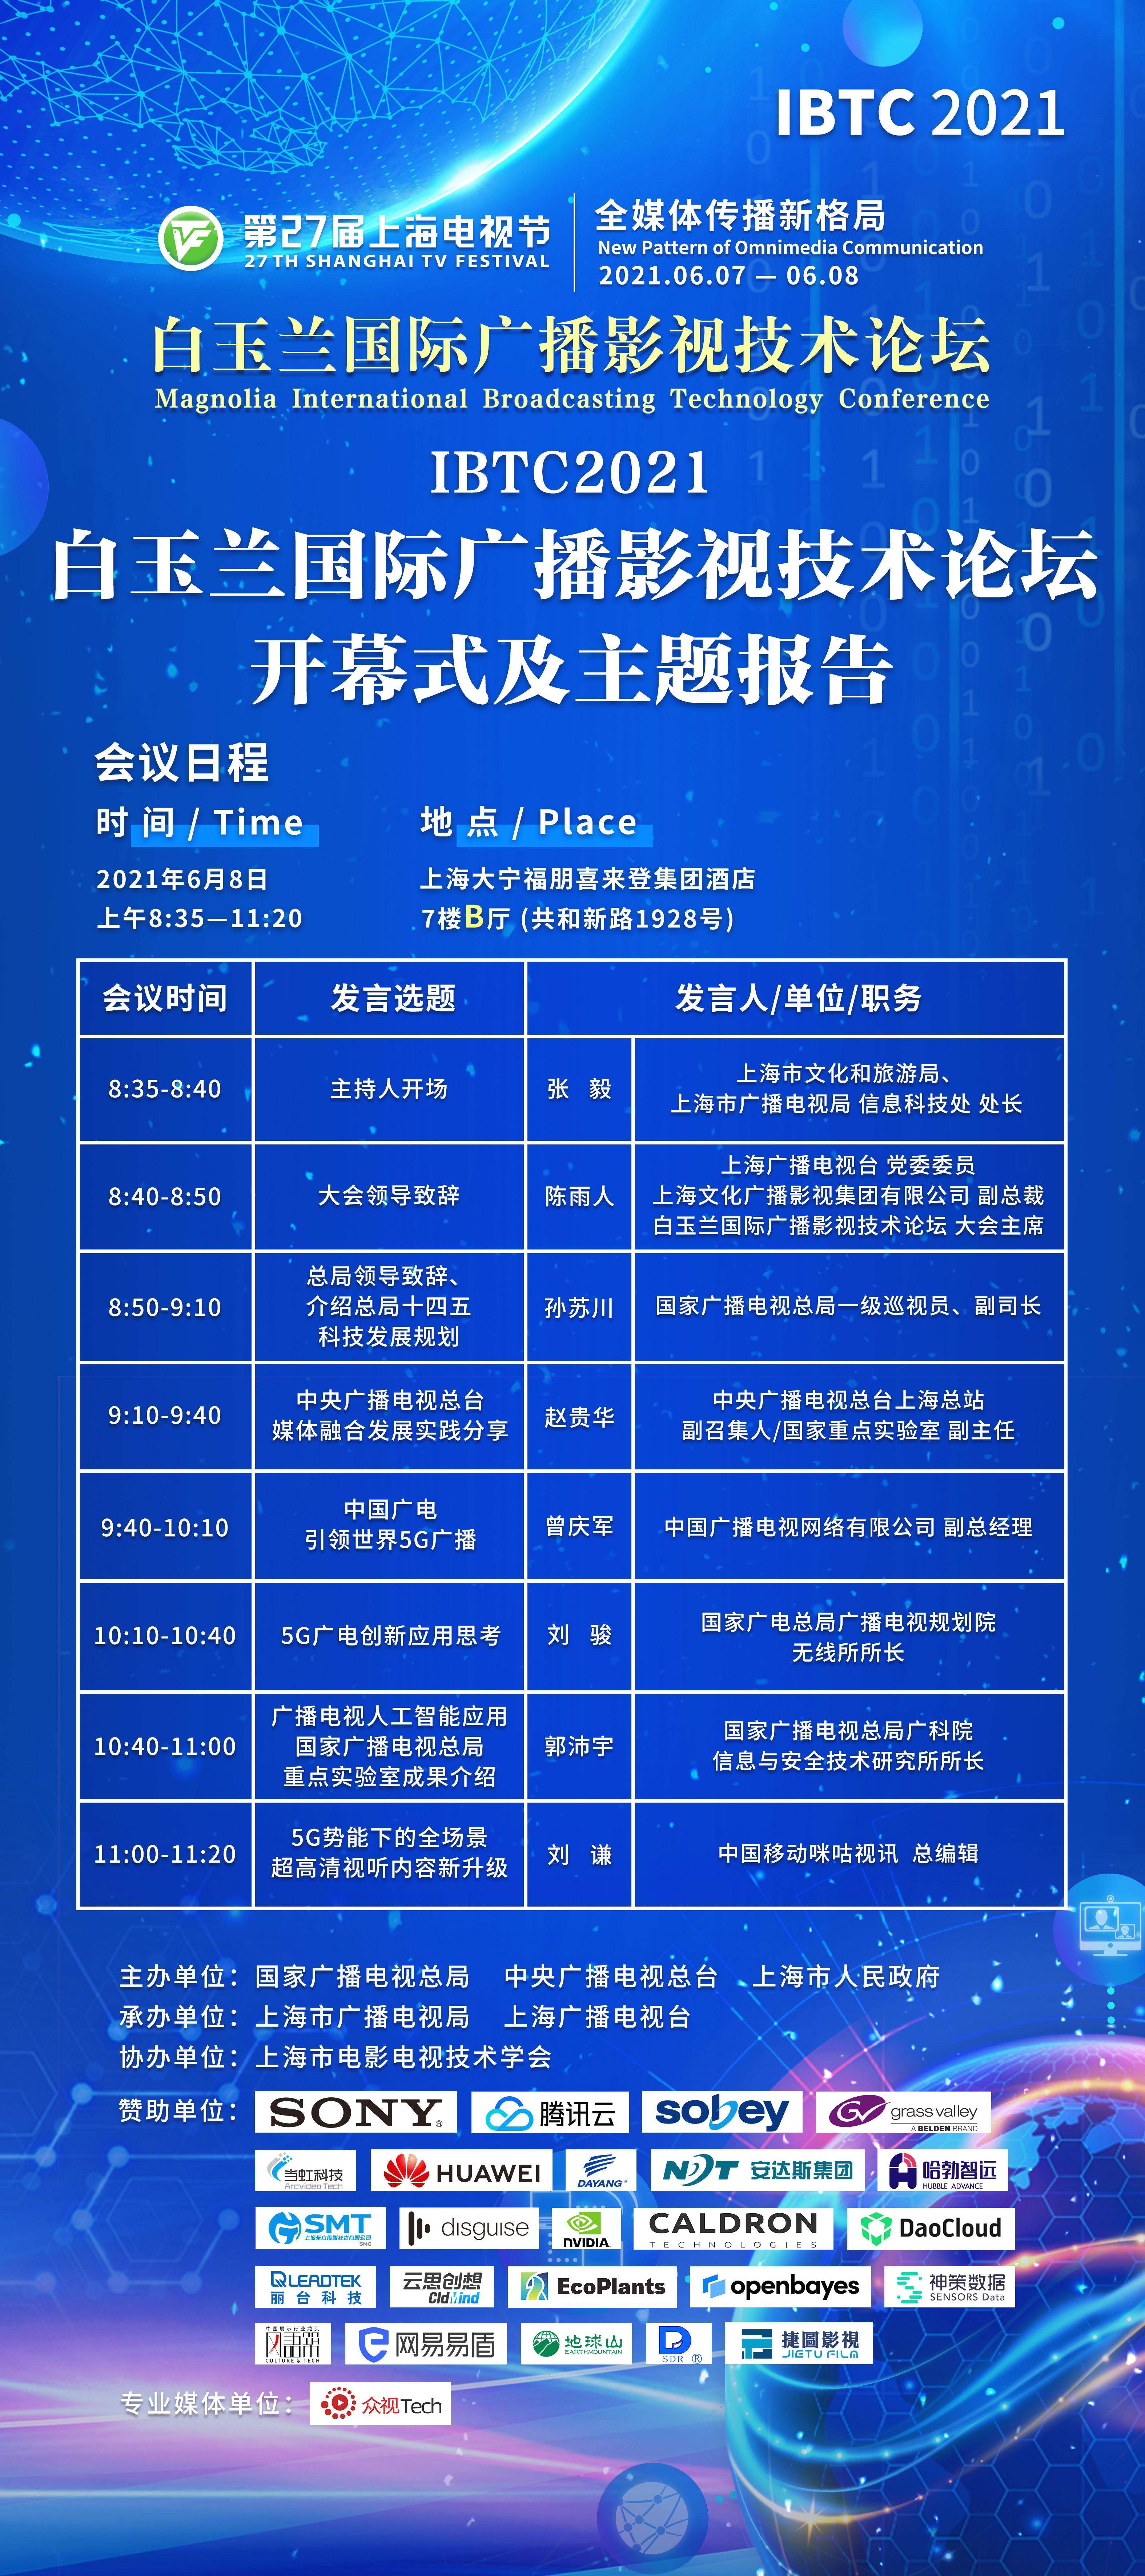 上海市文化和旅游局、上海市广播电视局信息科技处处长张毅出席IBTC2021